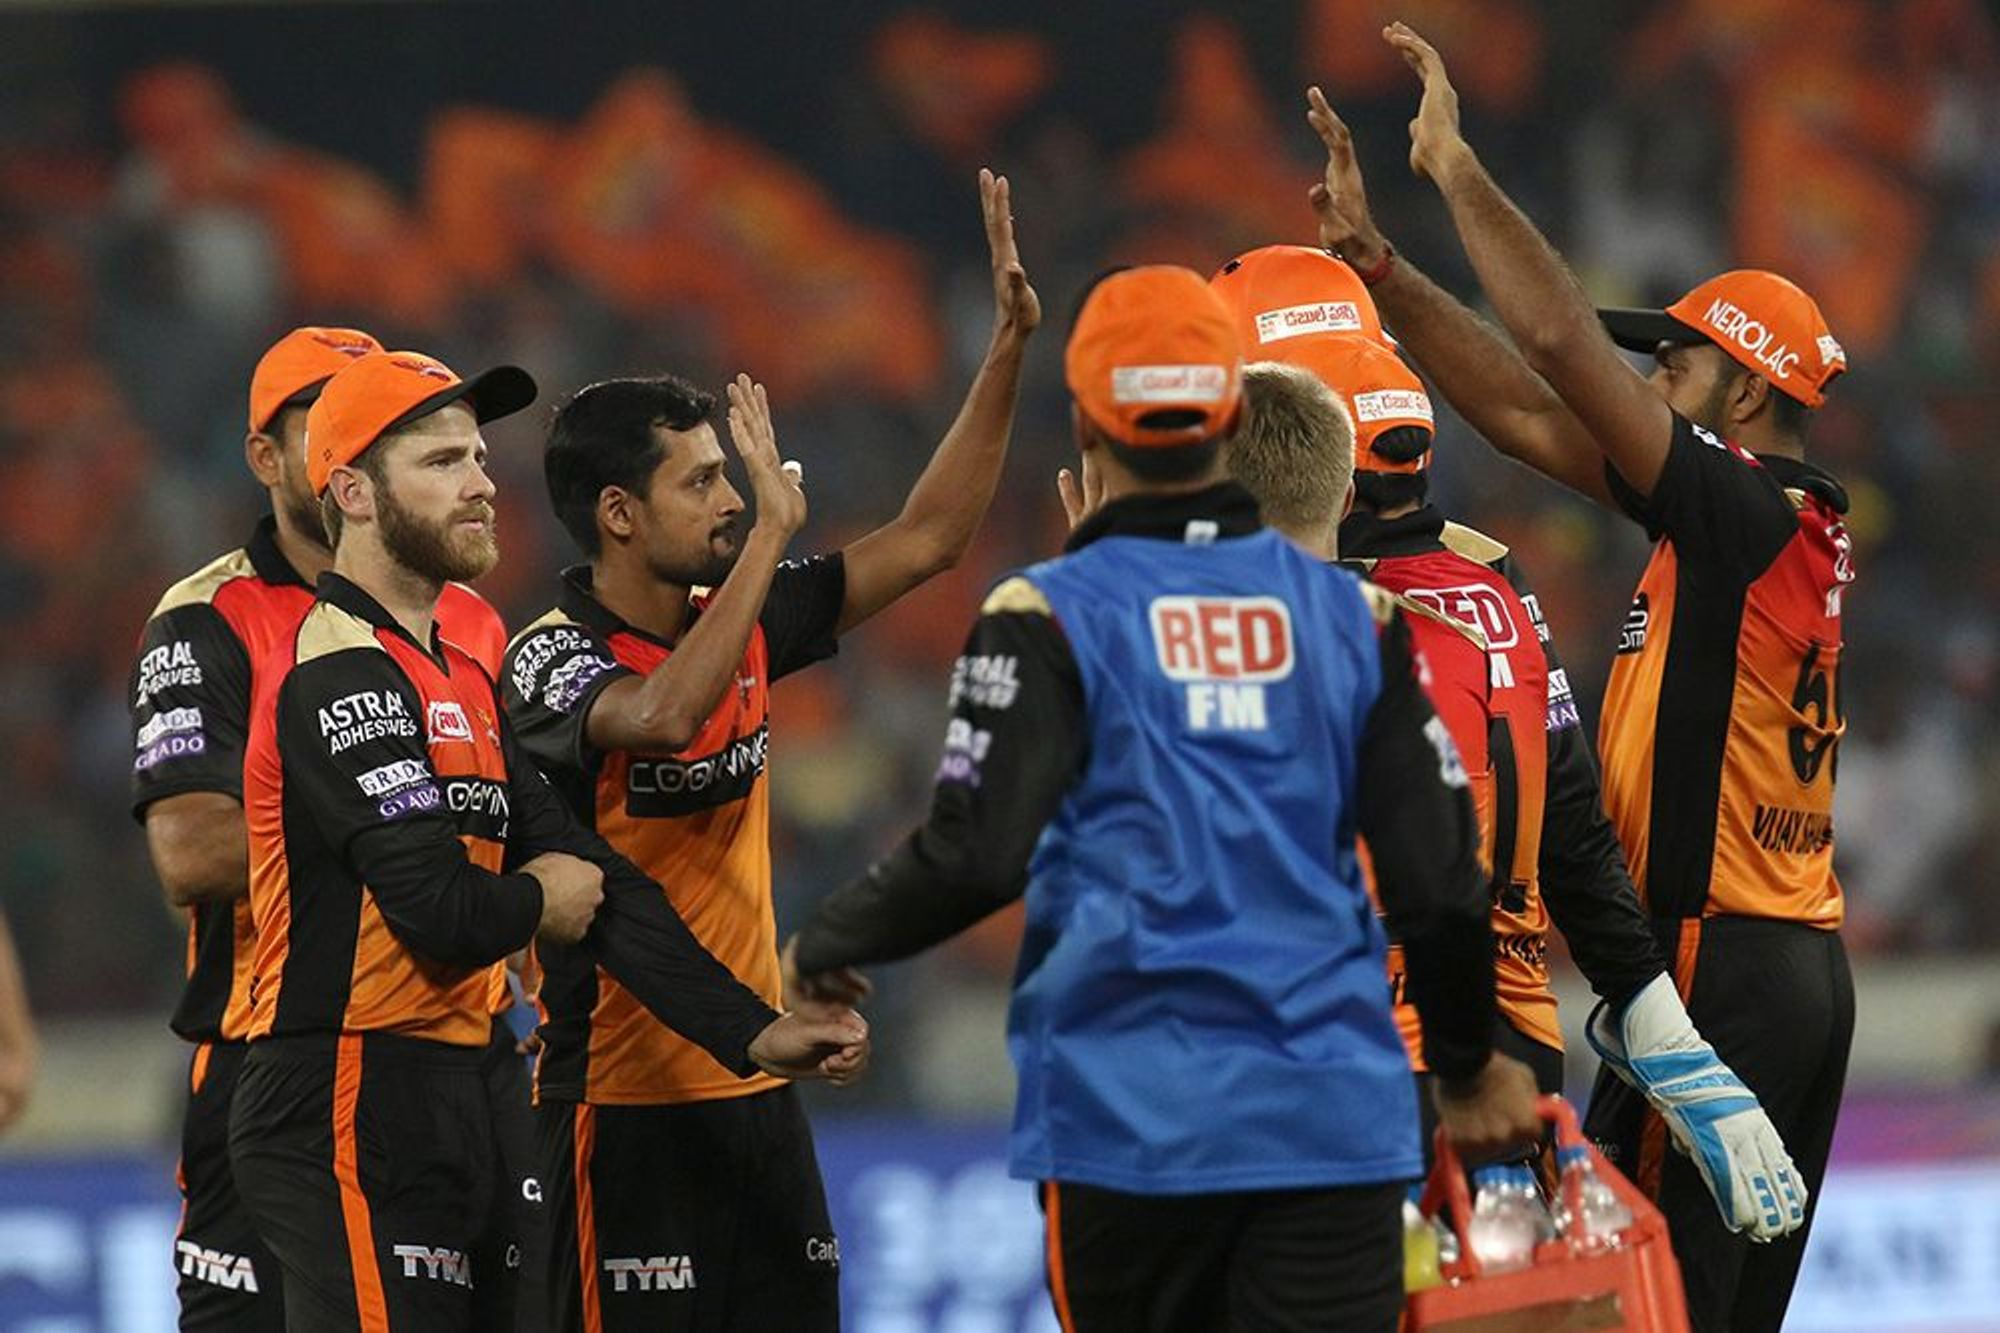 ராஜஸ்தான் அணிக்கு எதிரான போட்டியில் ஹைதராபாத் அணி 5 விக்கெட்டுகள் வித்தியாசத்தில் வெற்றி பெற்றது. (Photo - IPL)